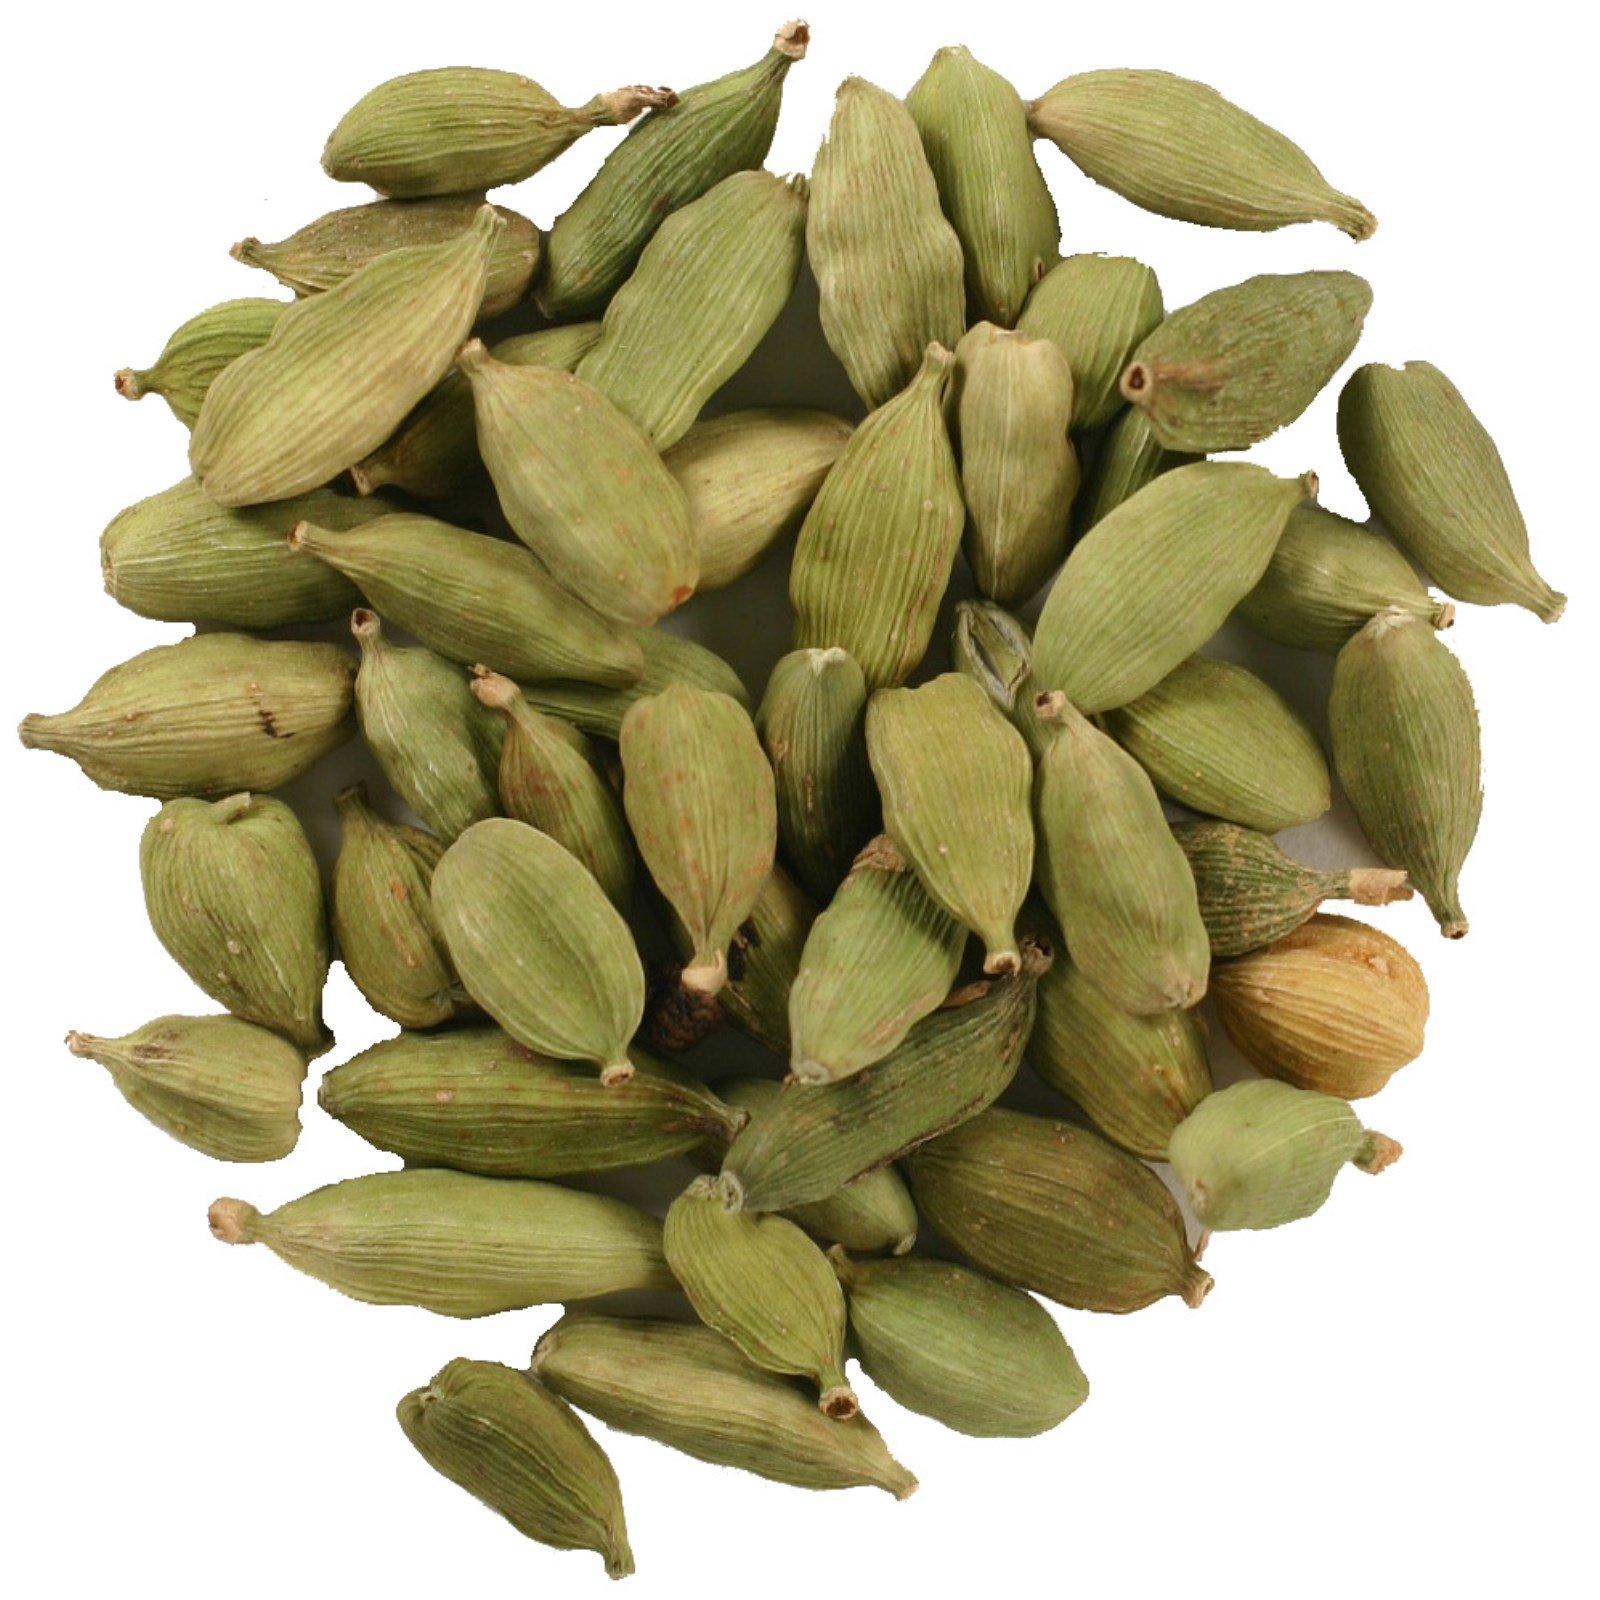 Frontier Natural Products, Органические цельные стручки кардамона, 16 унций (453 г)